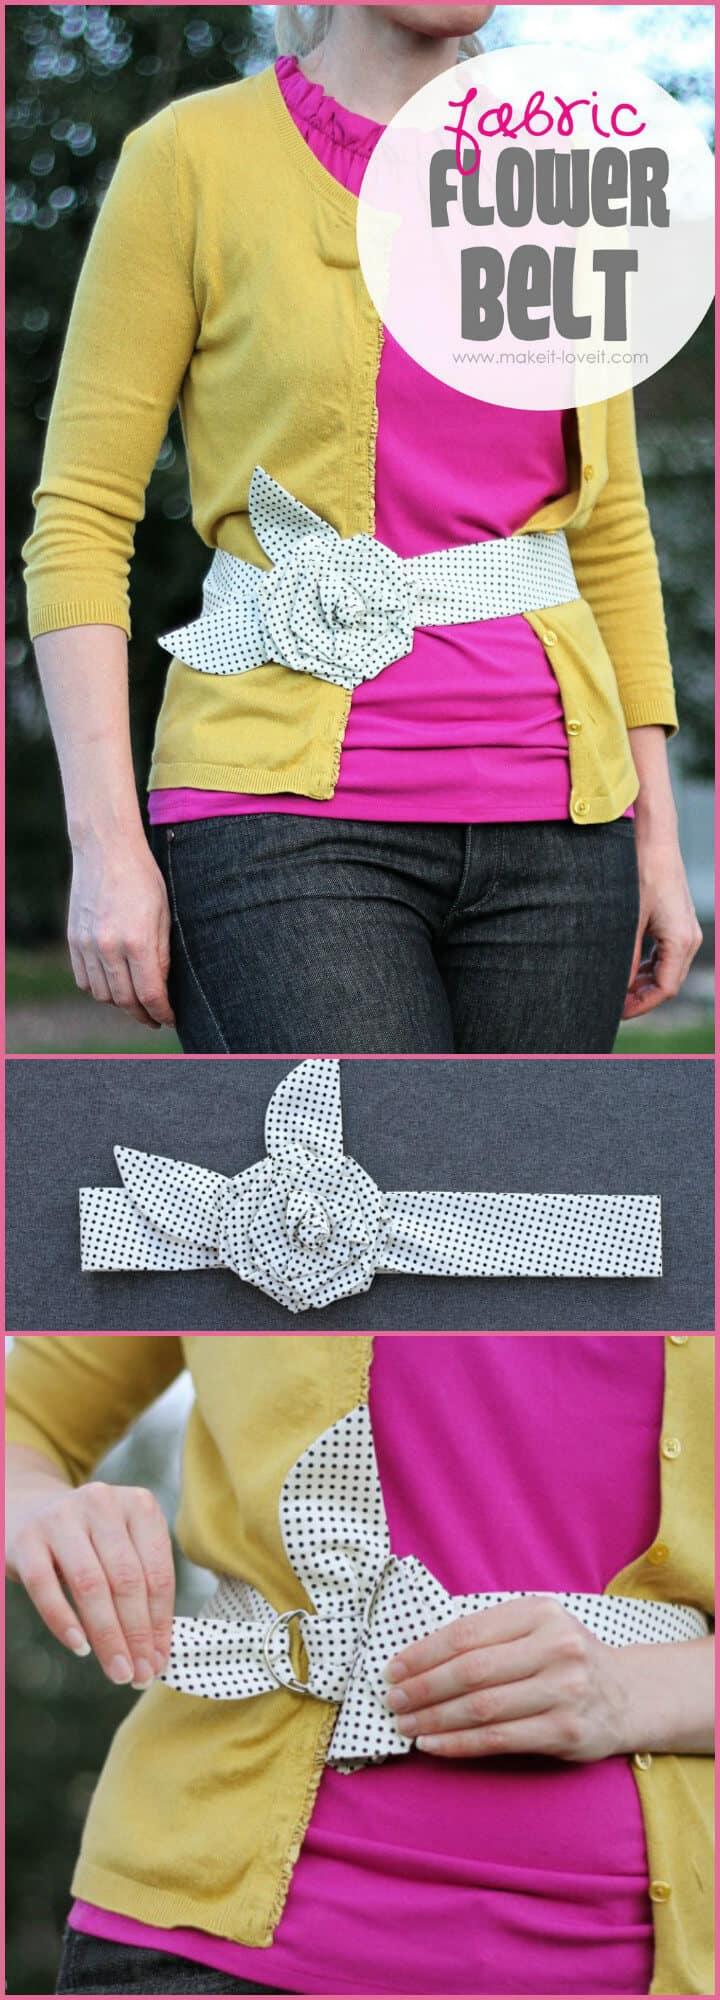 hermoso tutorial de cinturón de flores de tela